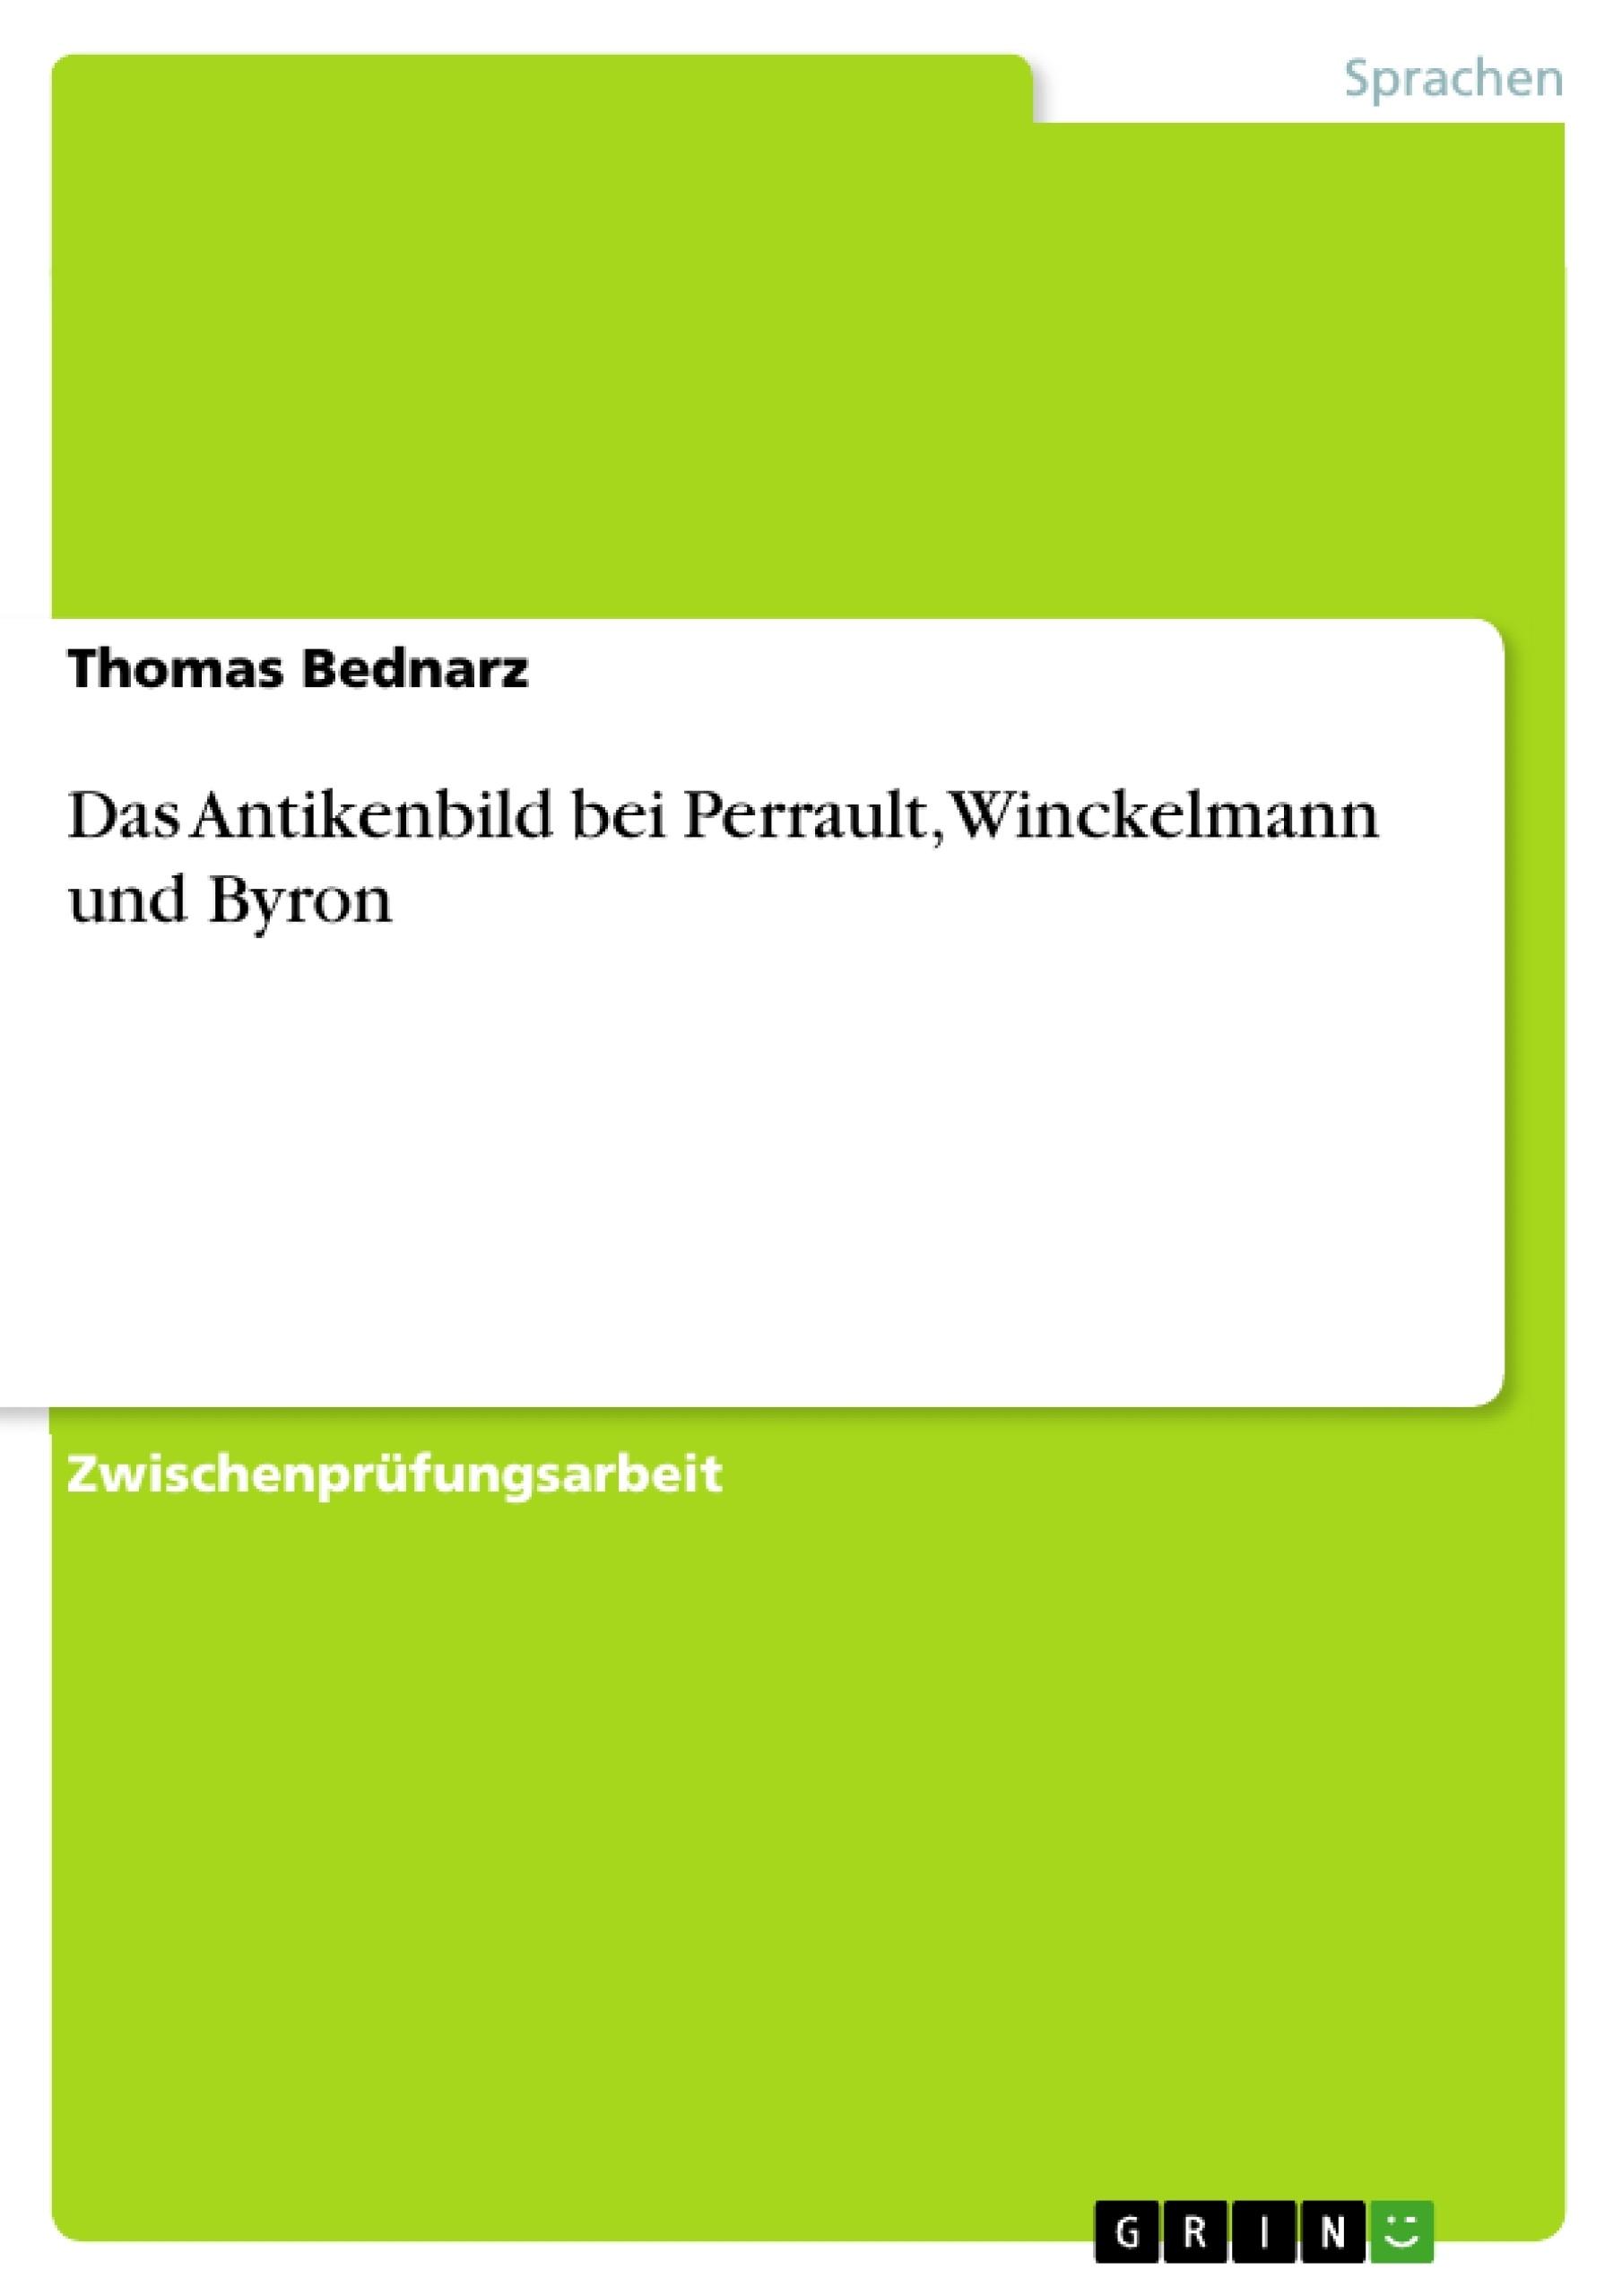 Titel: Das Antikenbild bei Perrault, Winckelmann und Byron